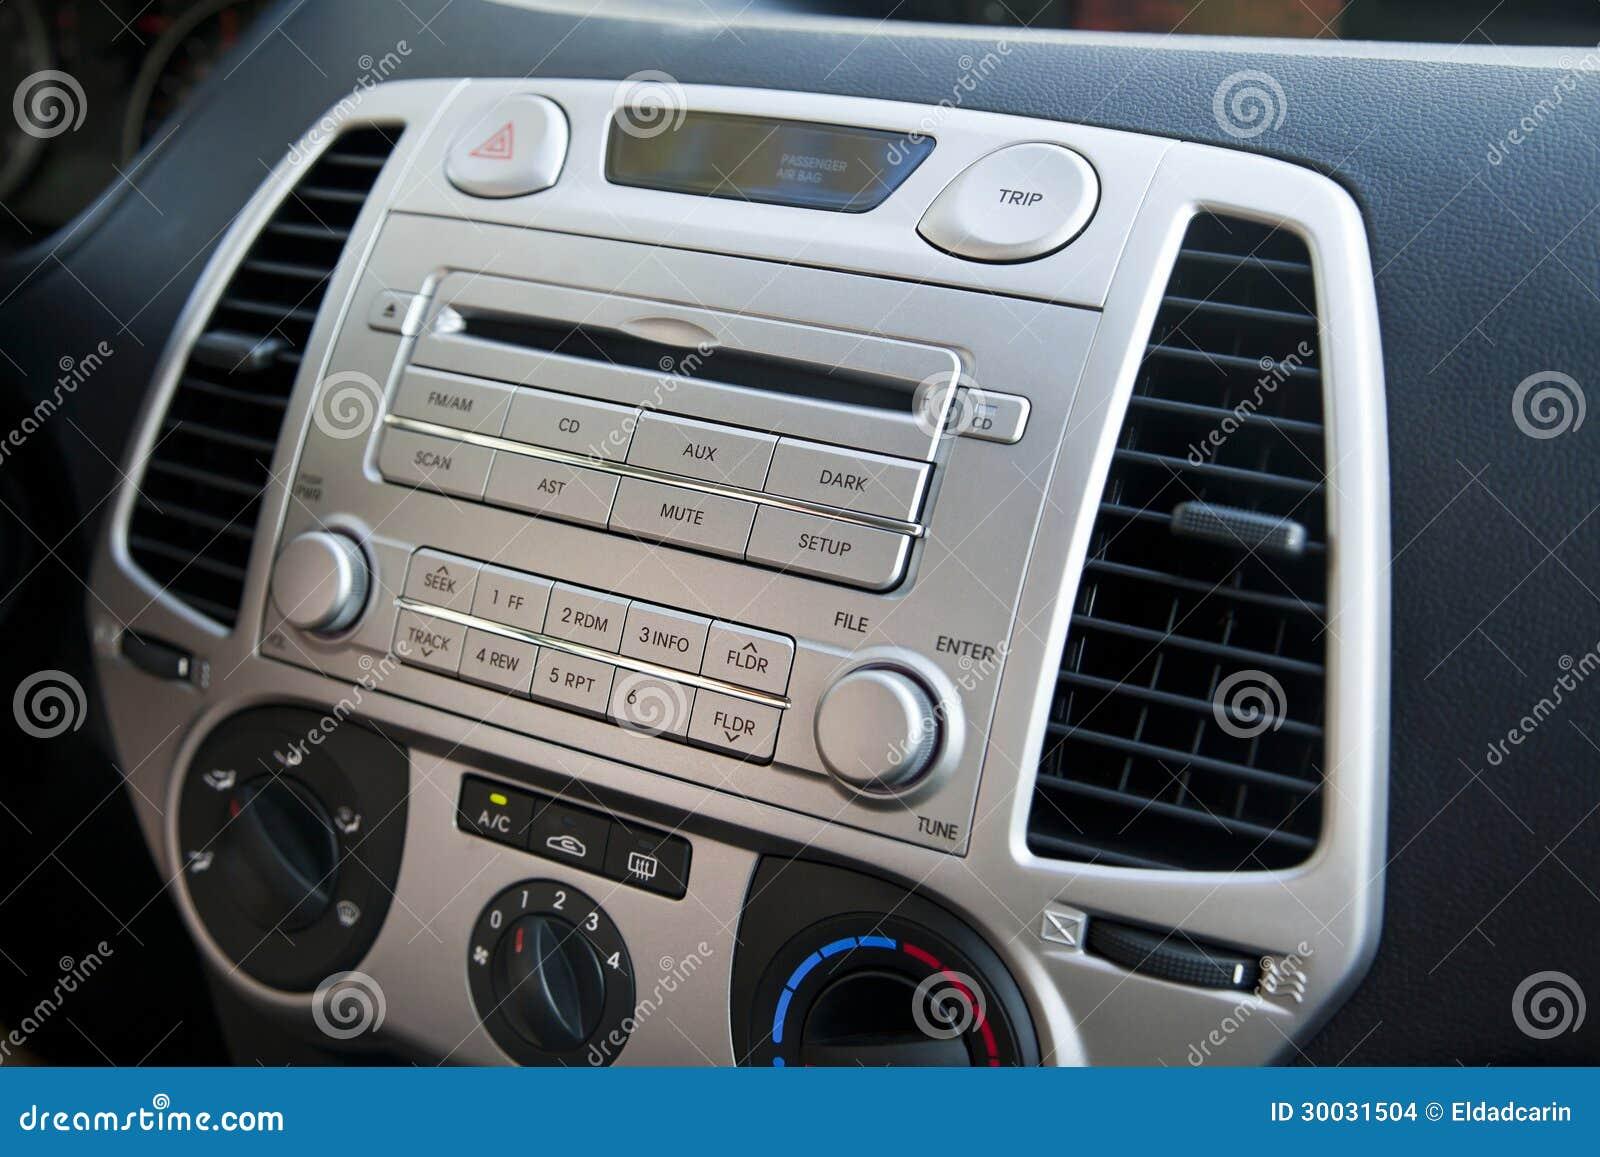 Auto-Stereolithographie-u. Klimaanlagen-Kontrollen Stockfoto - Bild ...